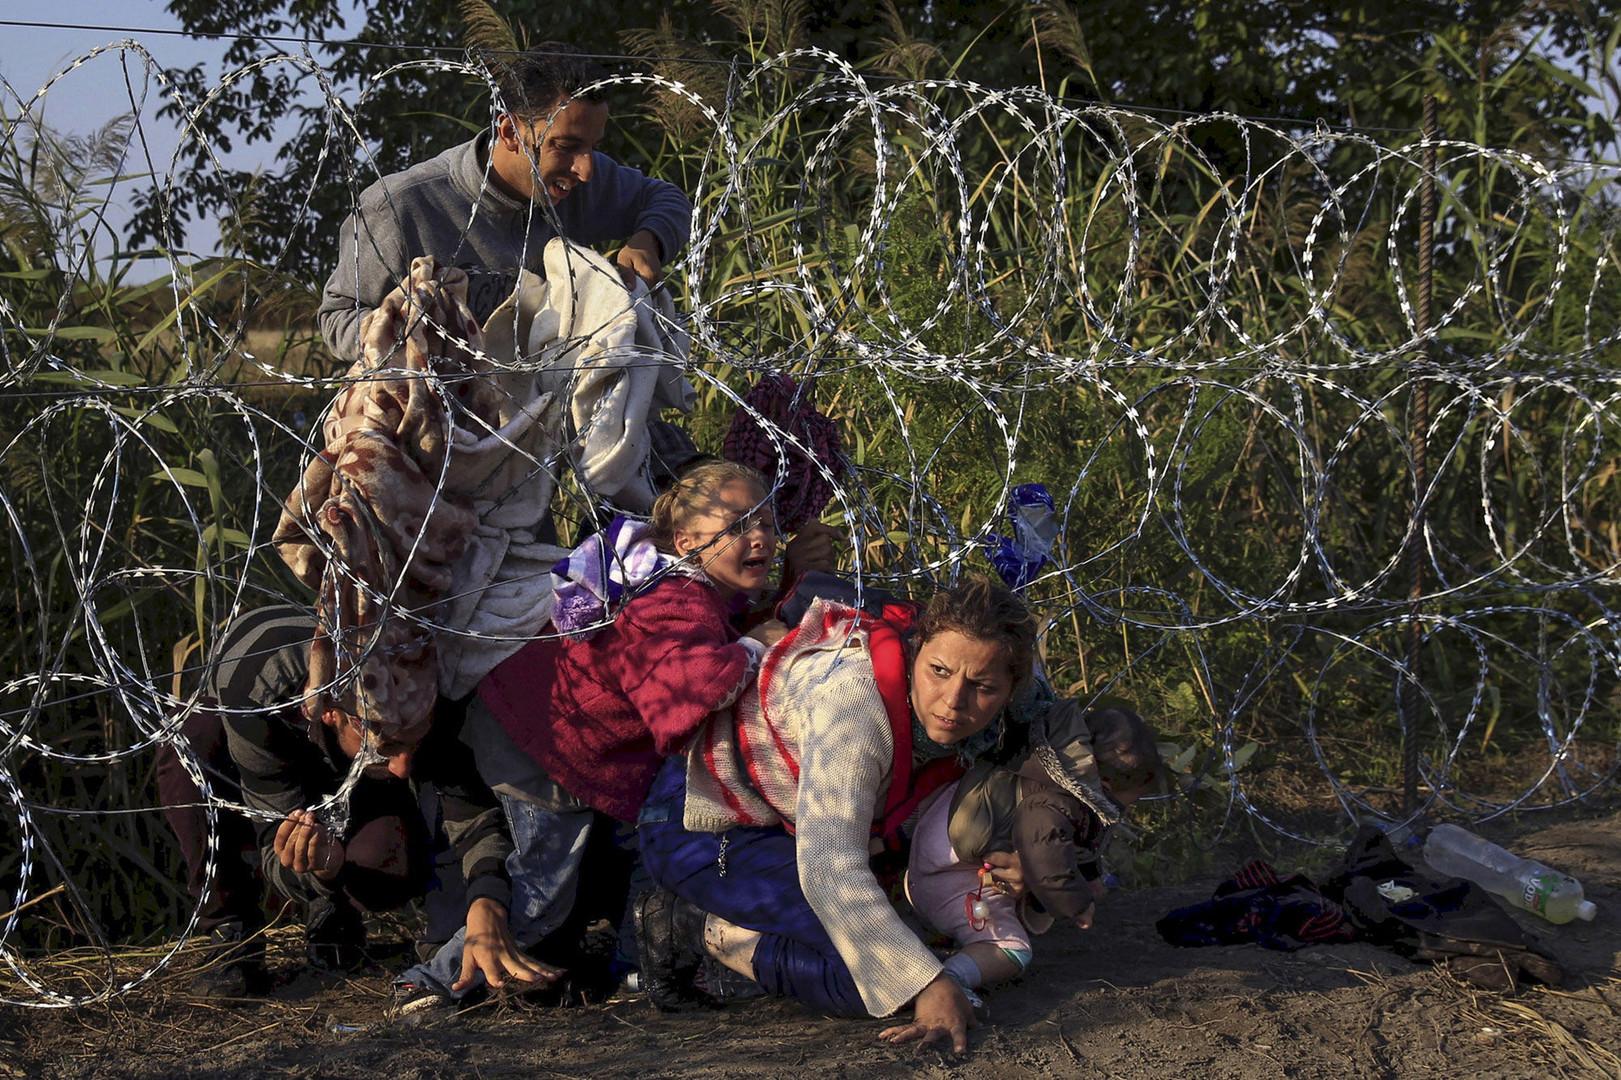 «Без них всё только лучше»: премьер Венгрии заявил, что стране не нужны мигранты